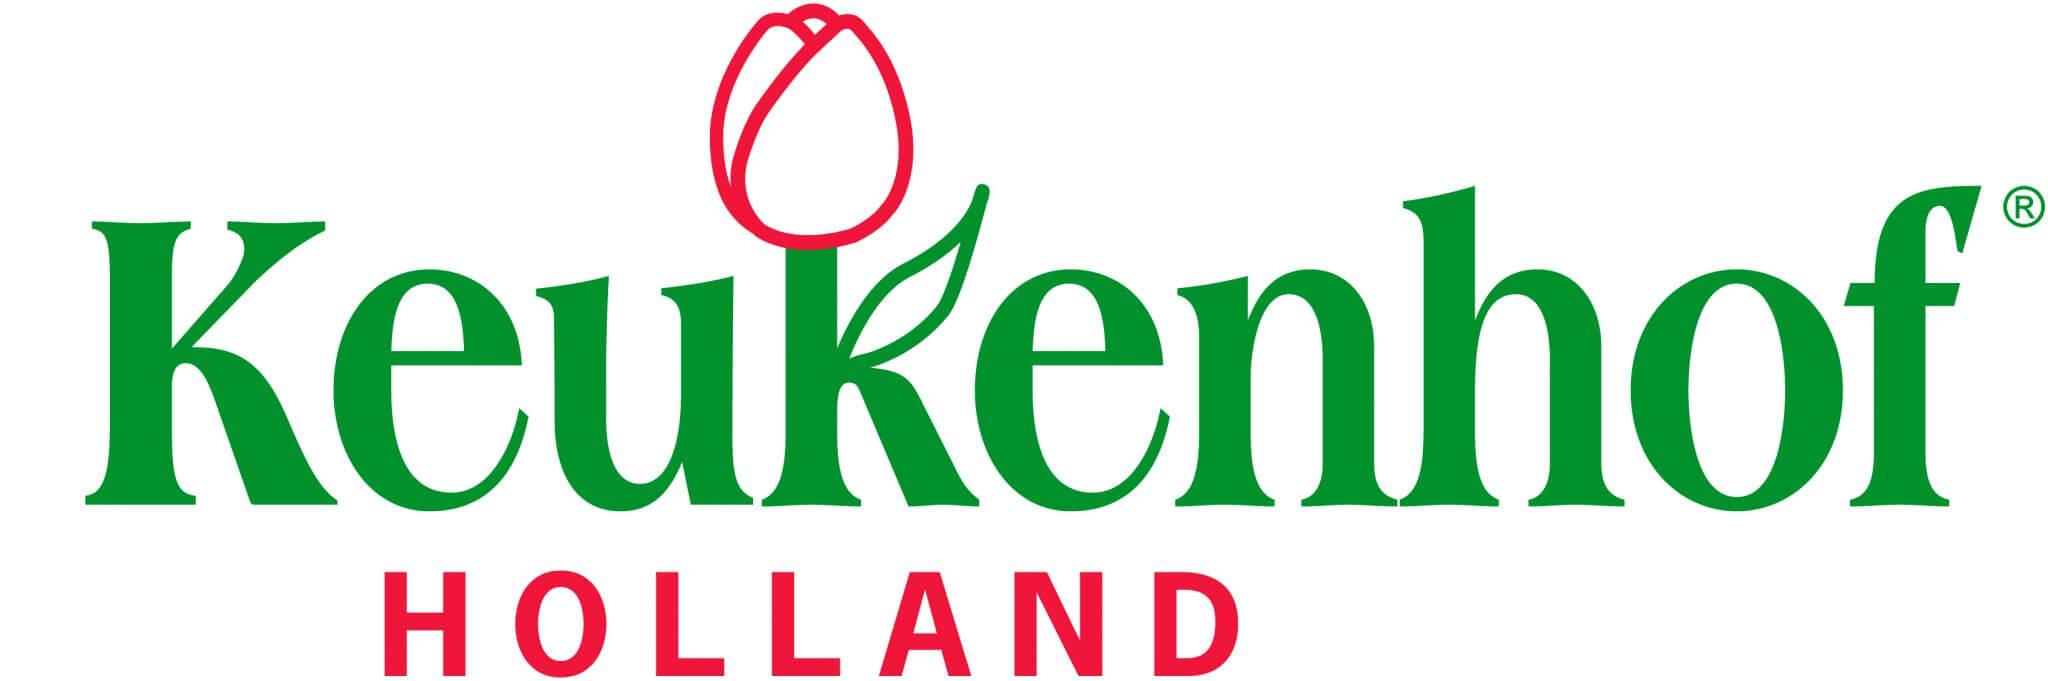 Keukenhof-logo-3271×1080-pixels-CMYK-300-dpi